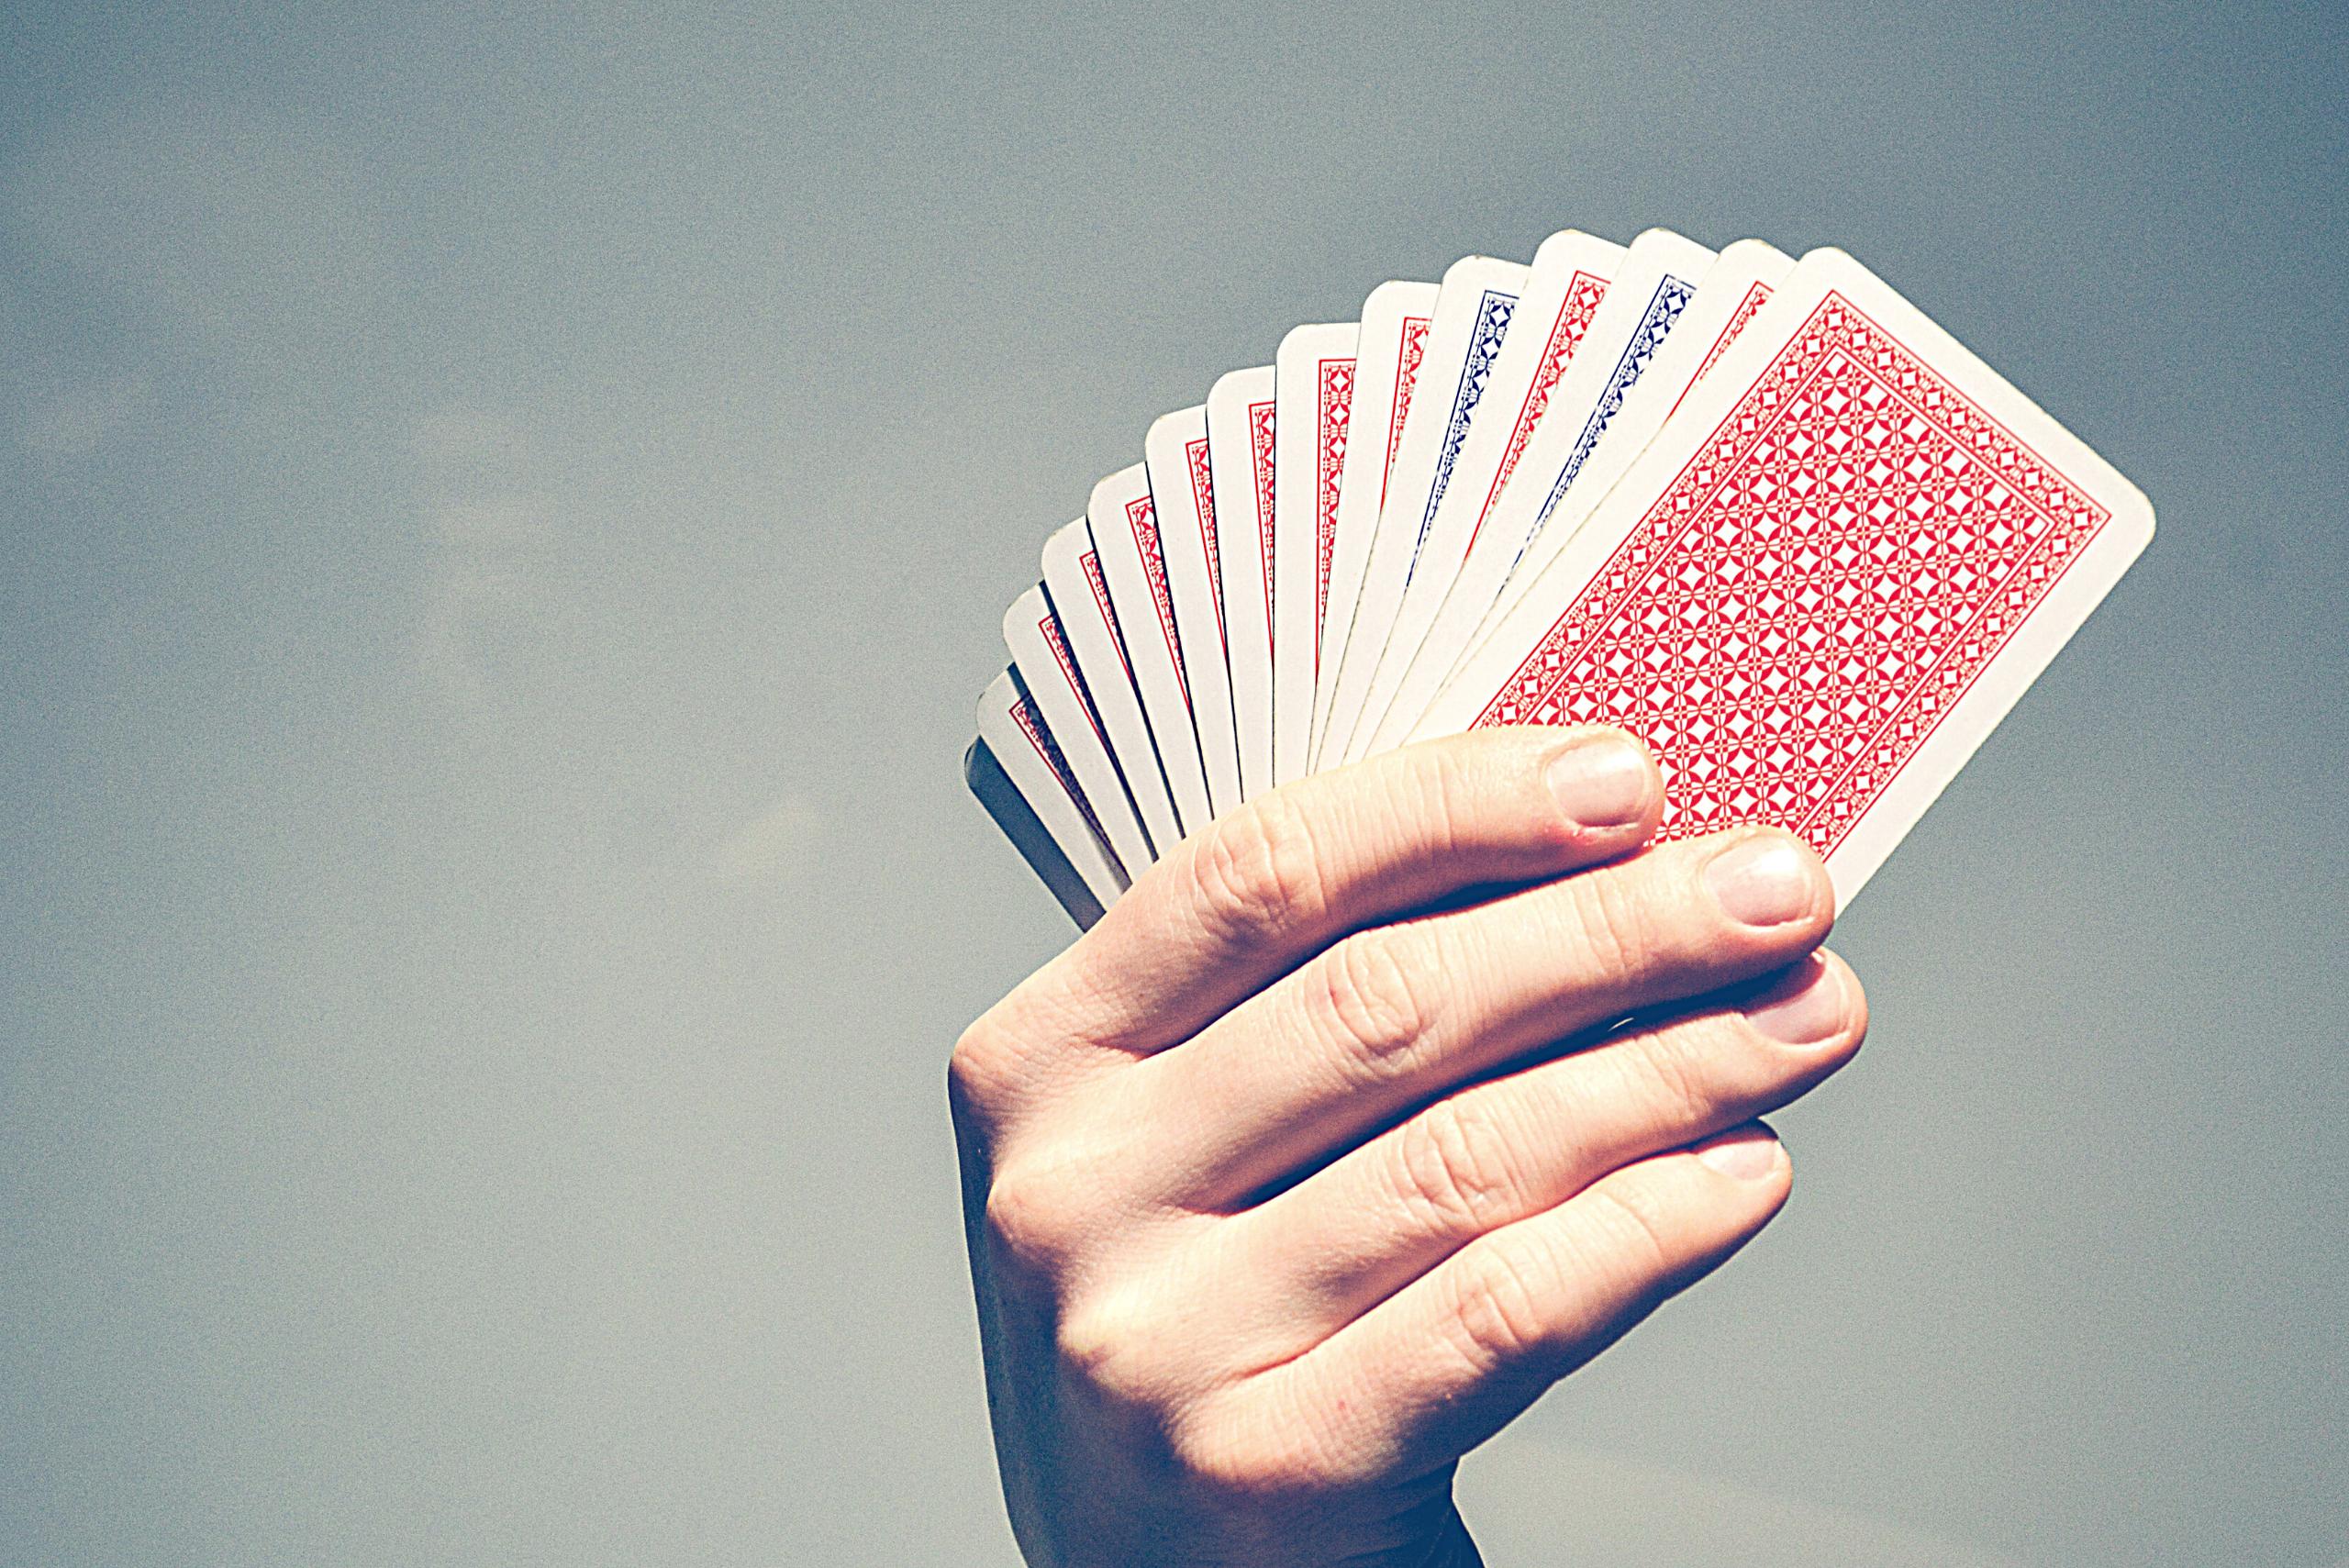 Mit analogem Kartenspiel zur digitalen Idee?